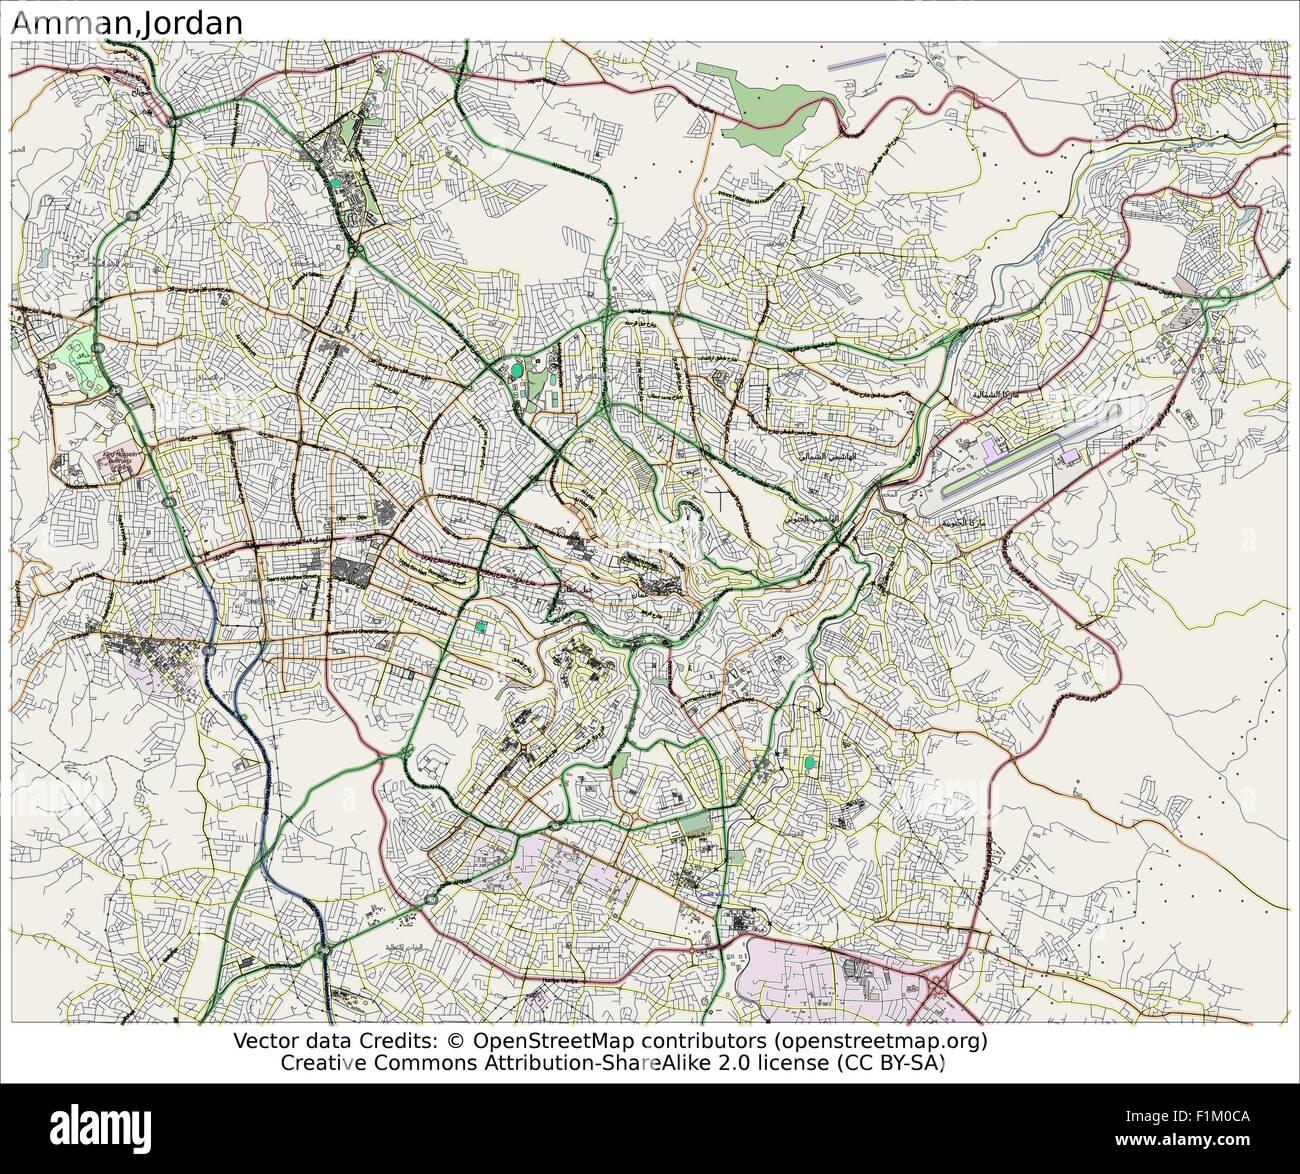 Amman jordan map aerial view stock vector art illustration amman jordan map aerial view gumiabroncs Images